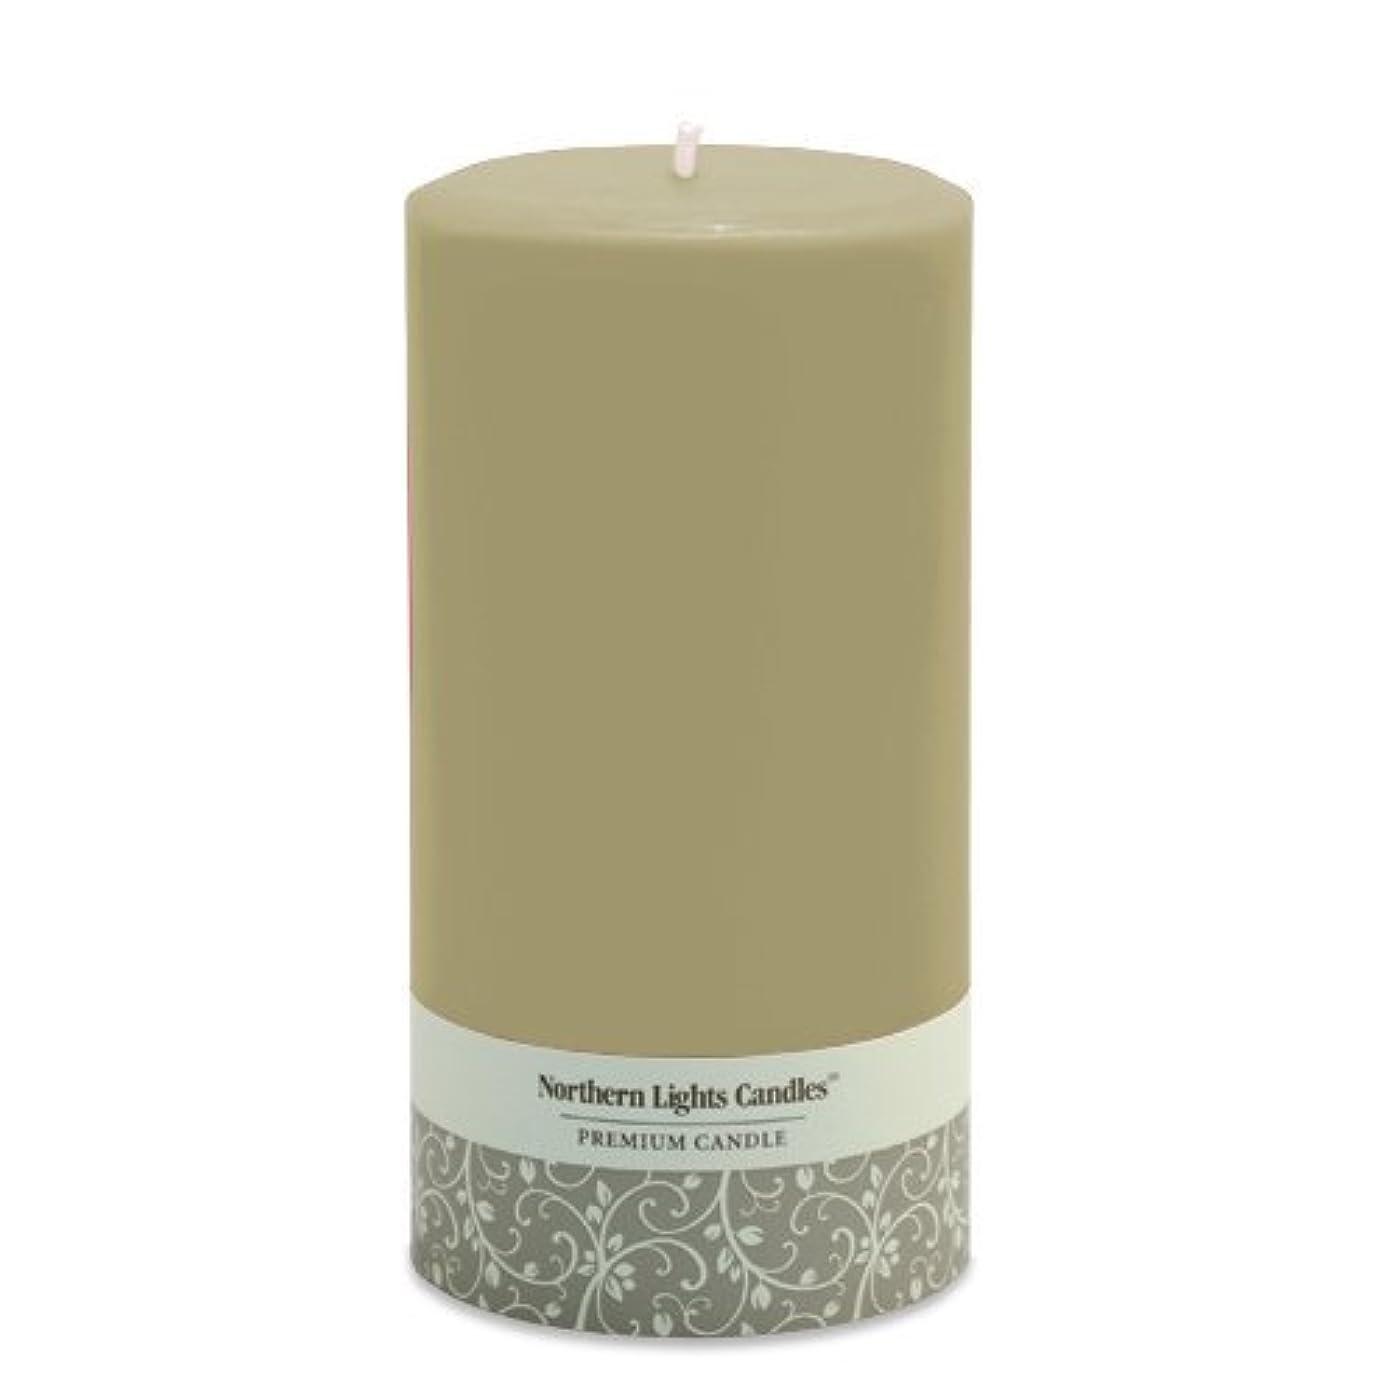 つぶやきエンコミウムブラウスNorthern Lights Candles Fragrance Free Pillar Candle, 3 by 6-Inch, Sand [並行輸入品]